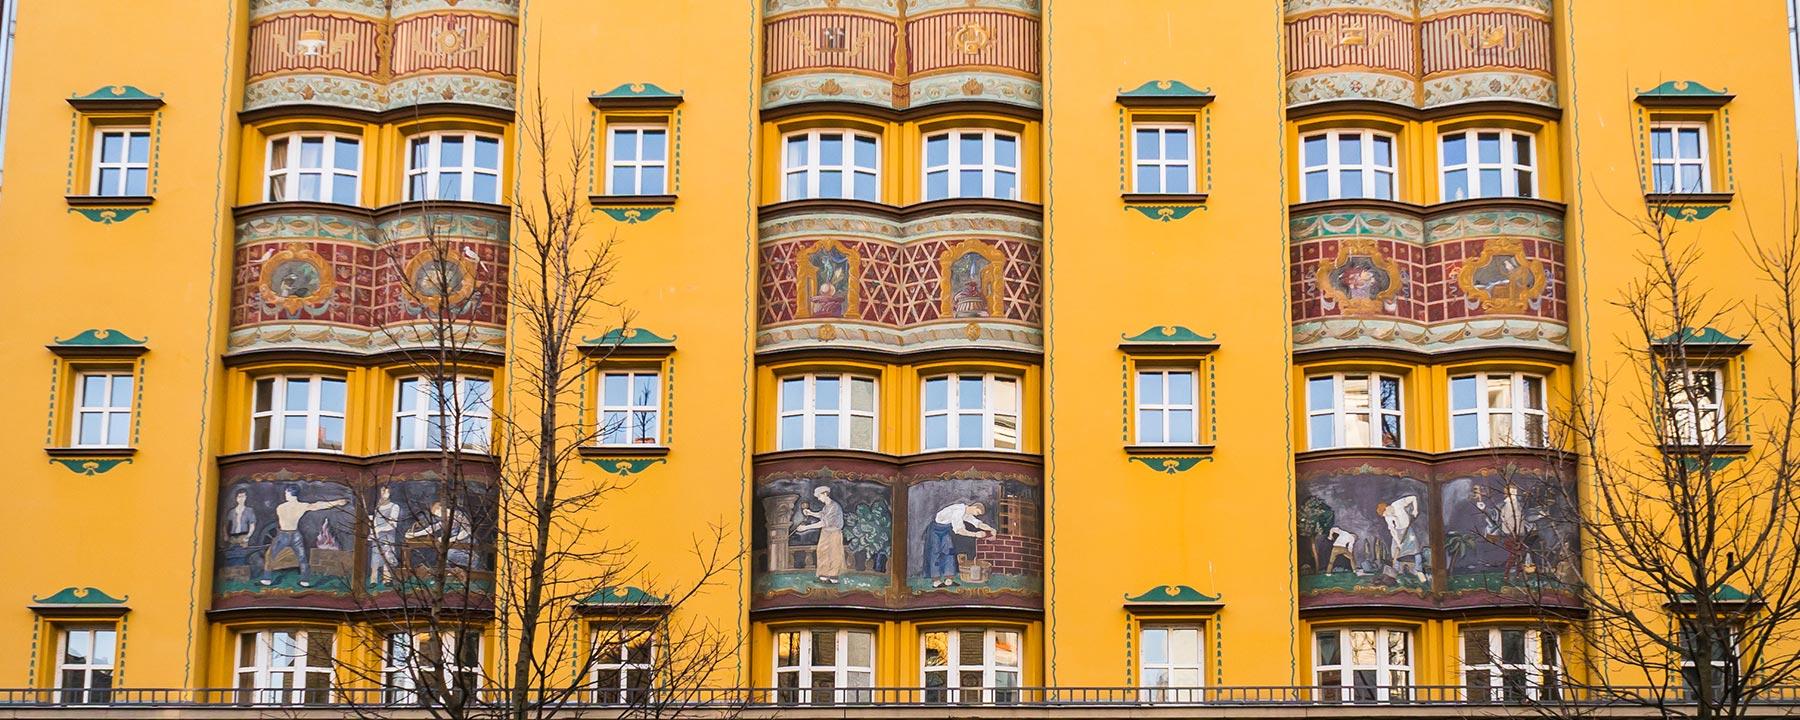 fassade art nouveaustyle berlin